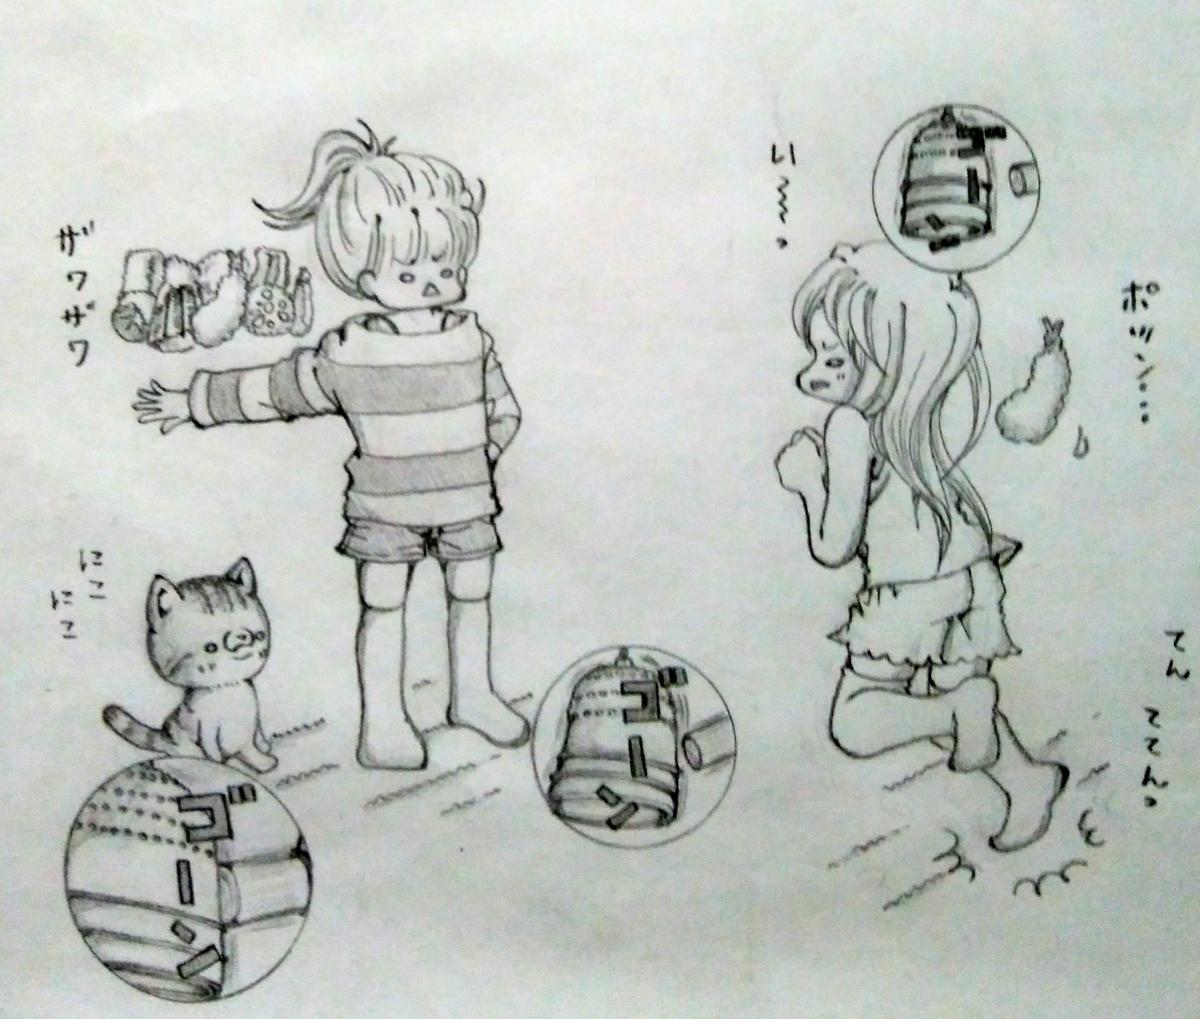 f:id:maricats:20201217211516j:plain